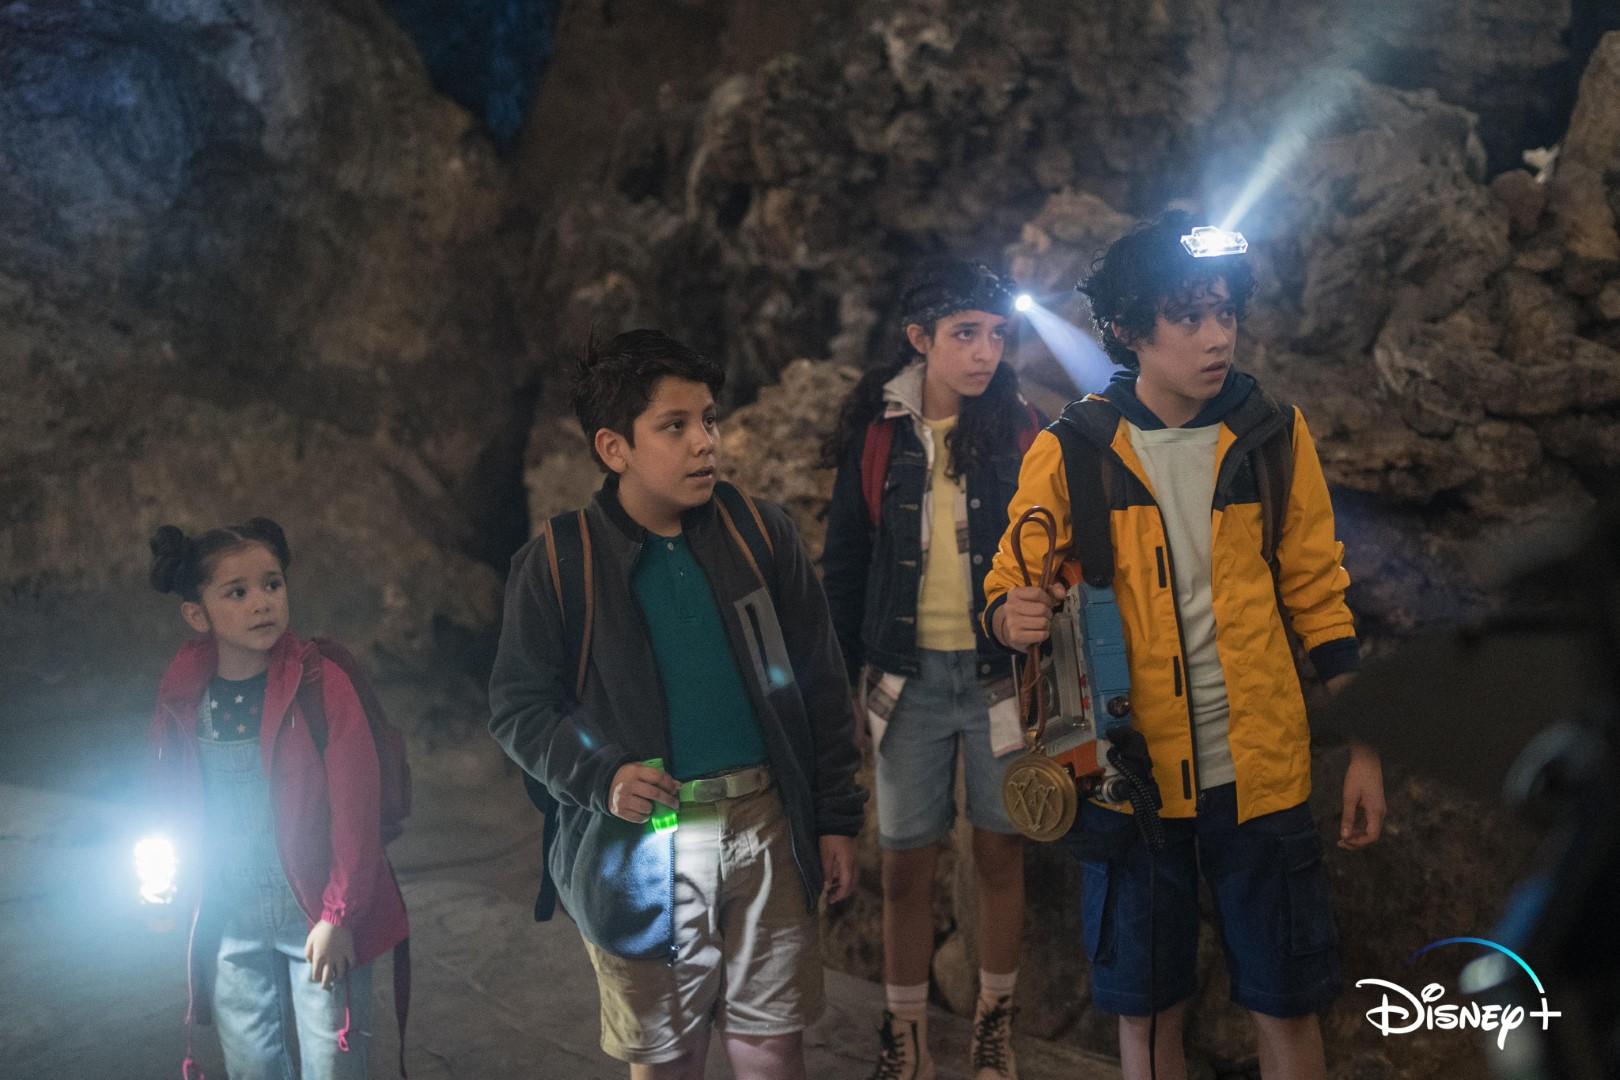 Viagem-ao-Centro-da-Terra-Disney-Plus-4 Viagem ao Centro da Terra: Nova Série Latino-Americana em Breve no Disney+